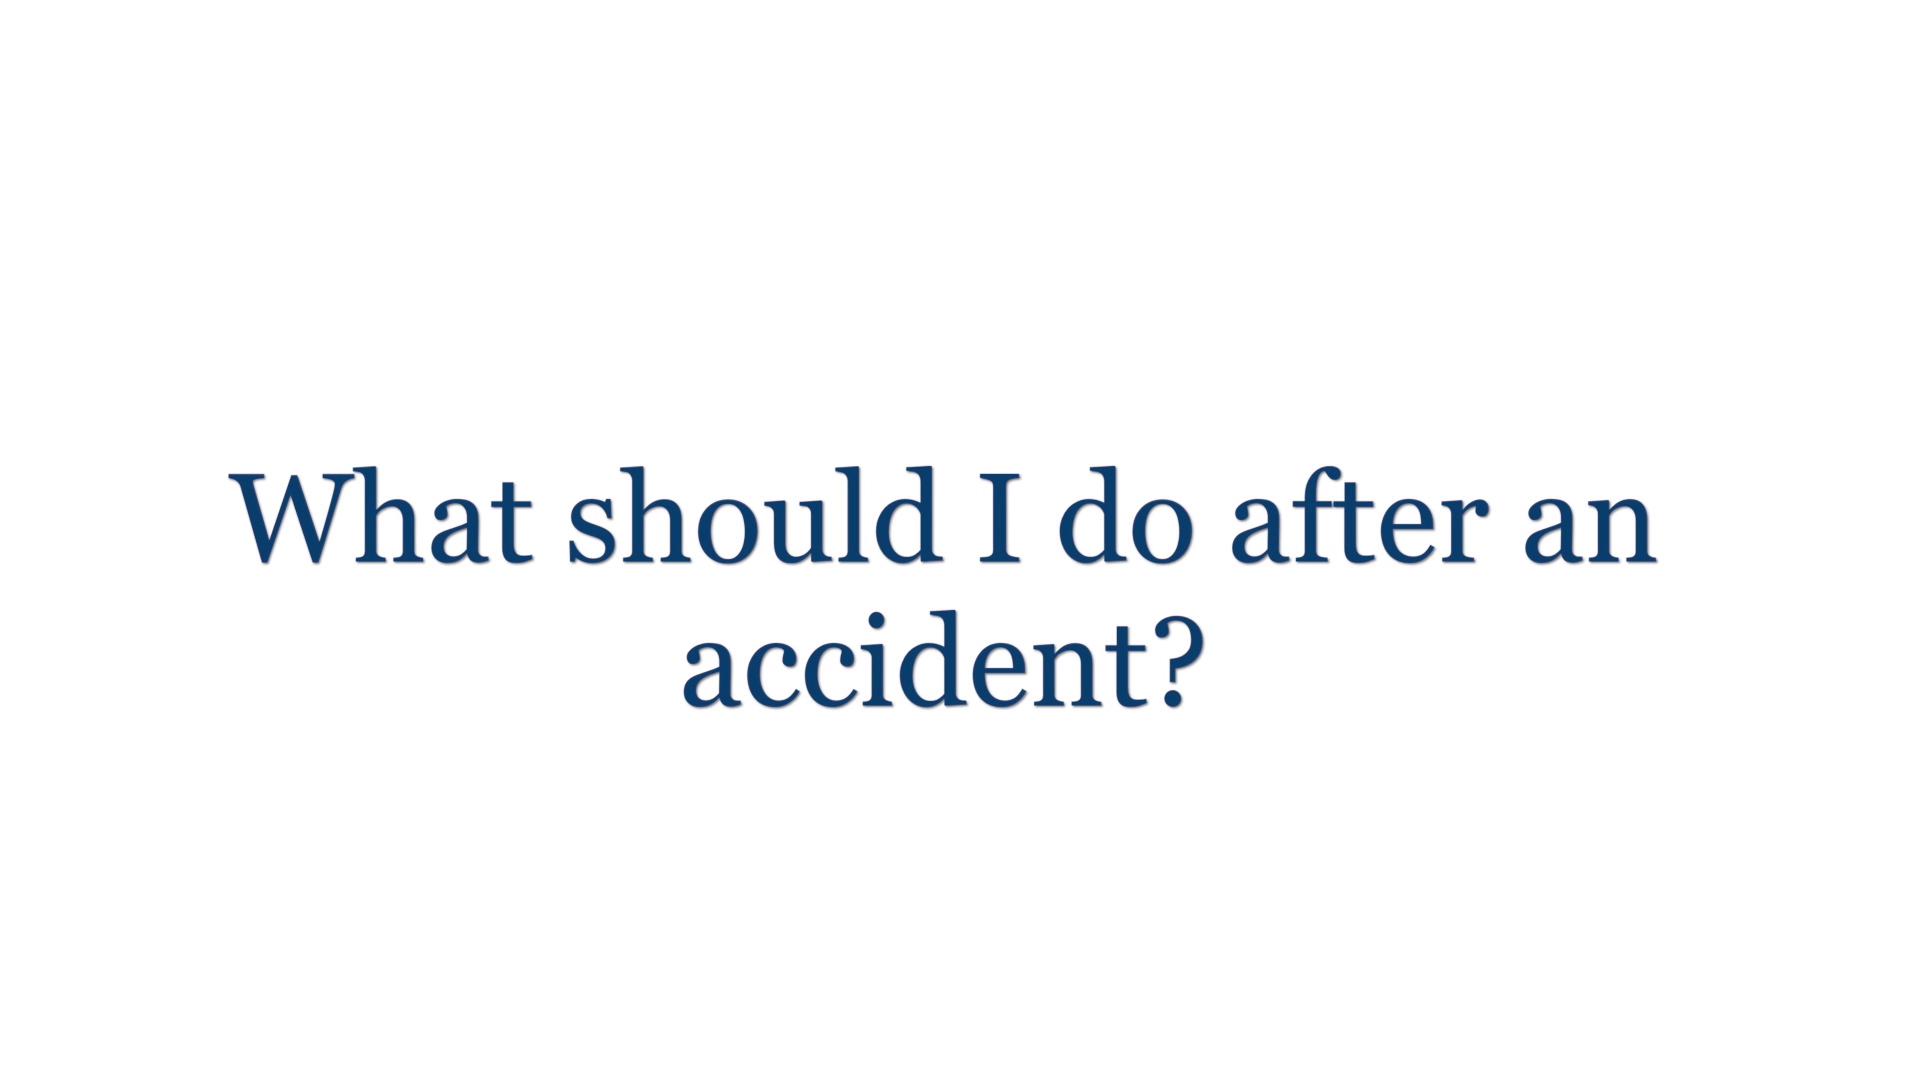 ¿Qué debo hacer luego de un accidente de automóvil?